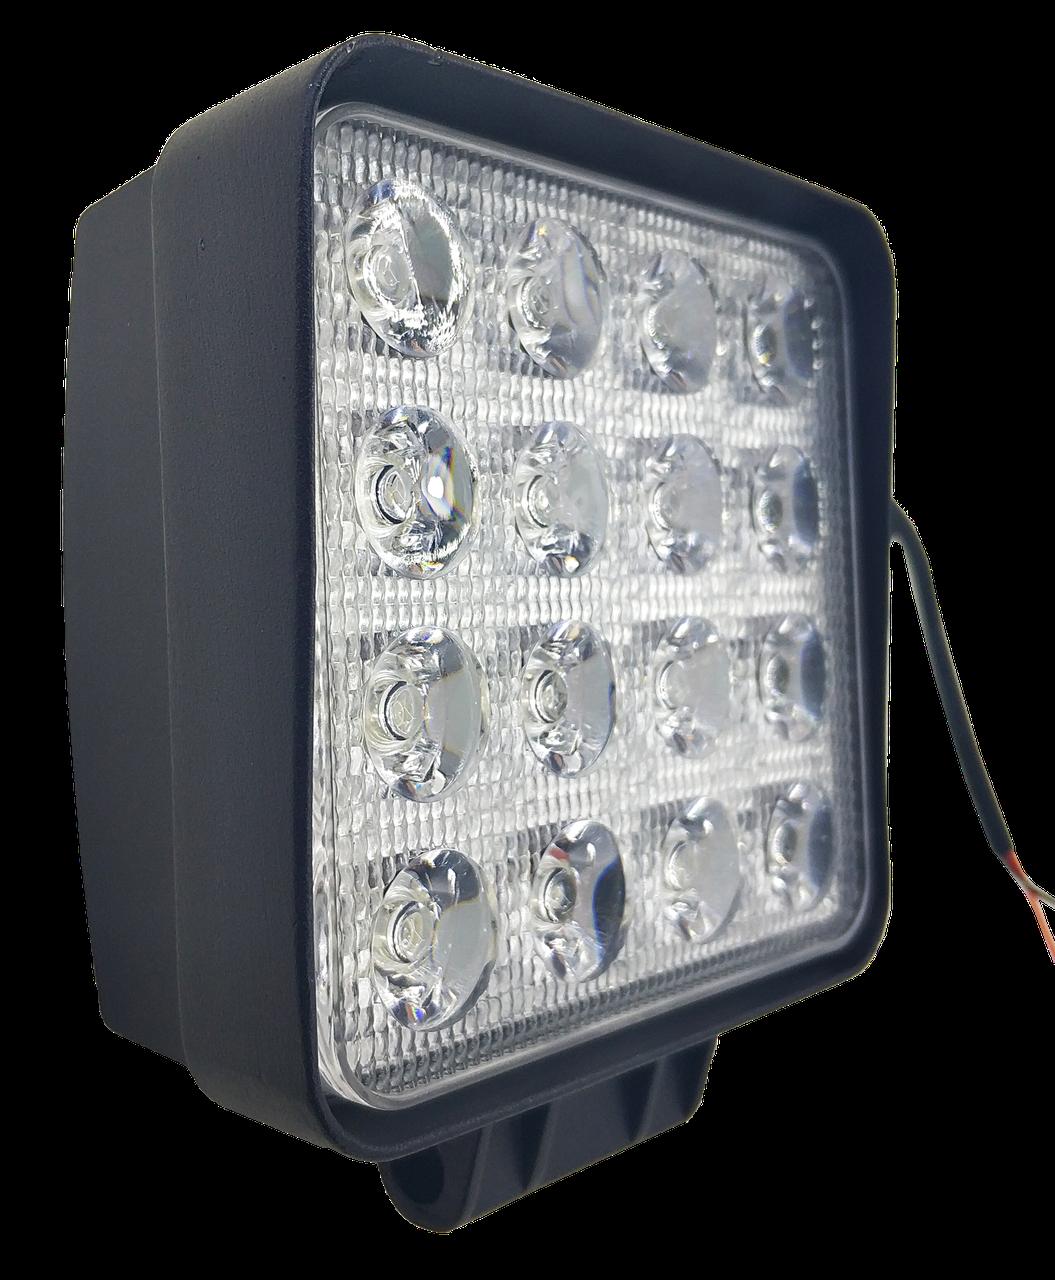 LED (Лед) фара квадратная 48W, (16 диодов х 3 ват = 48 Ват), широкий луч 10/30V 6000K